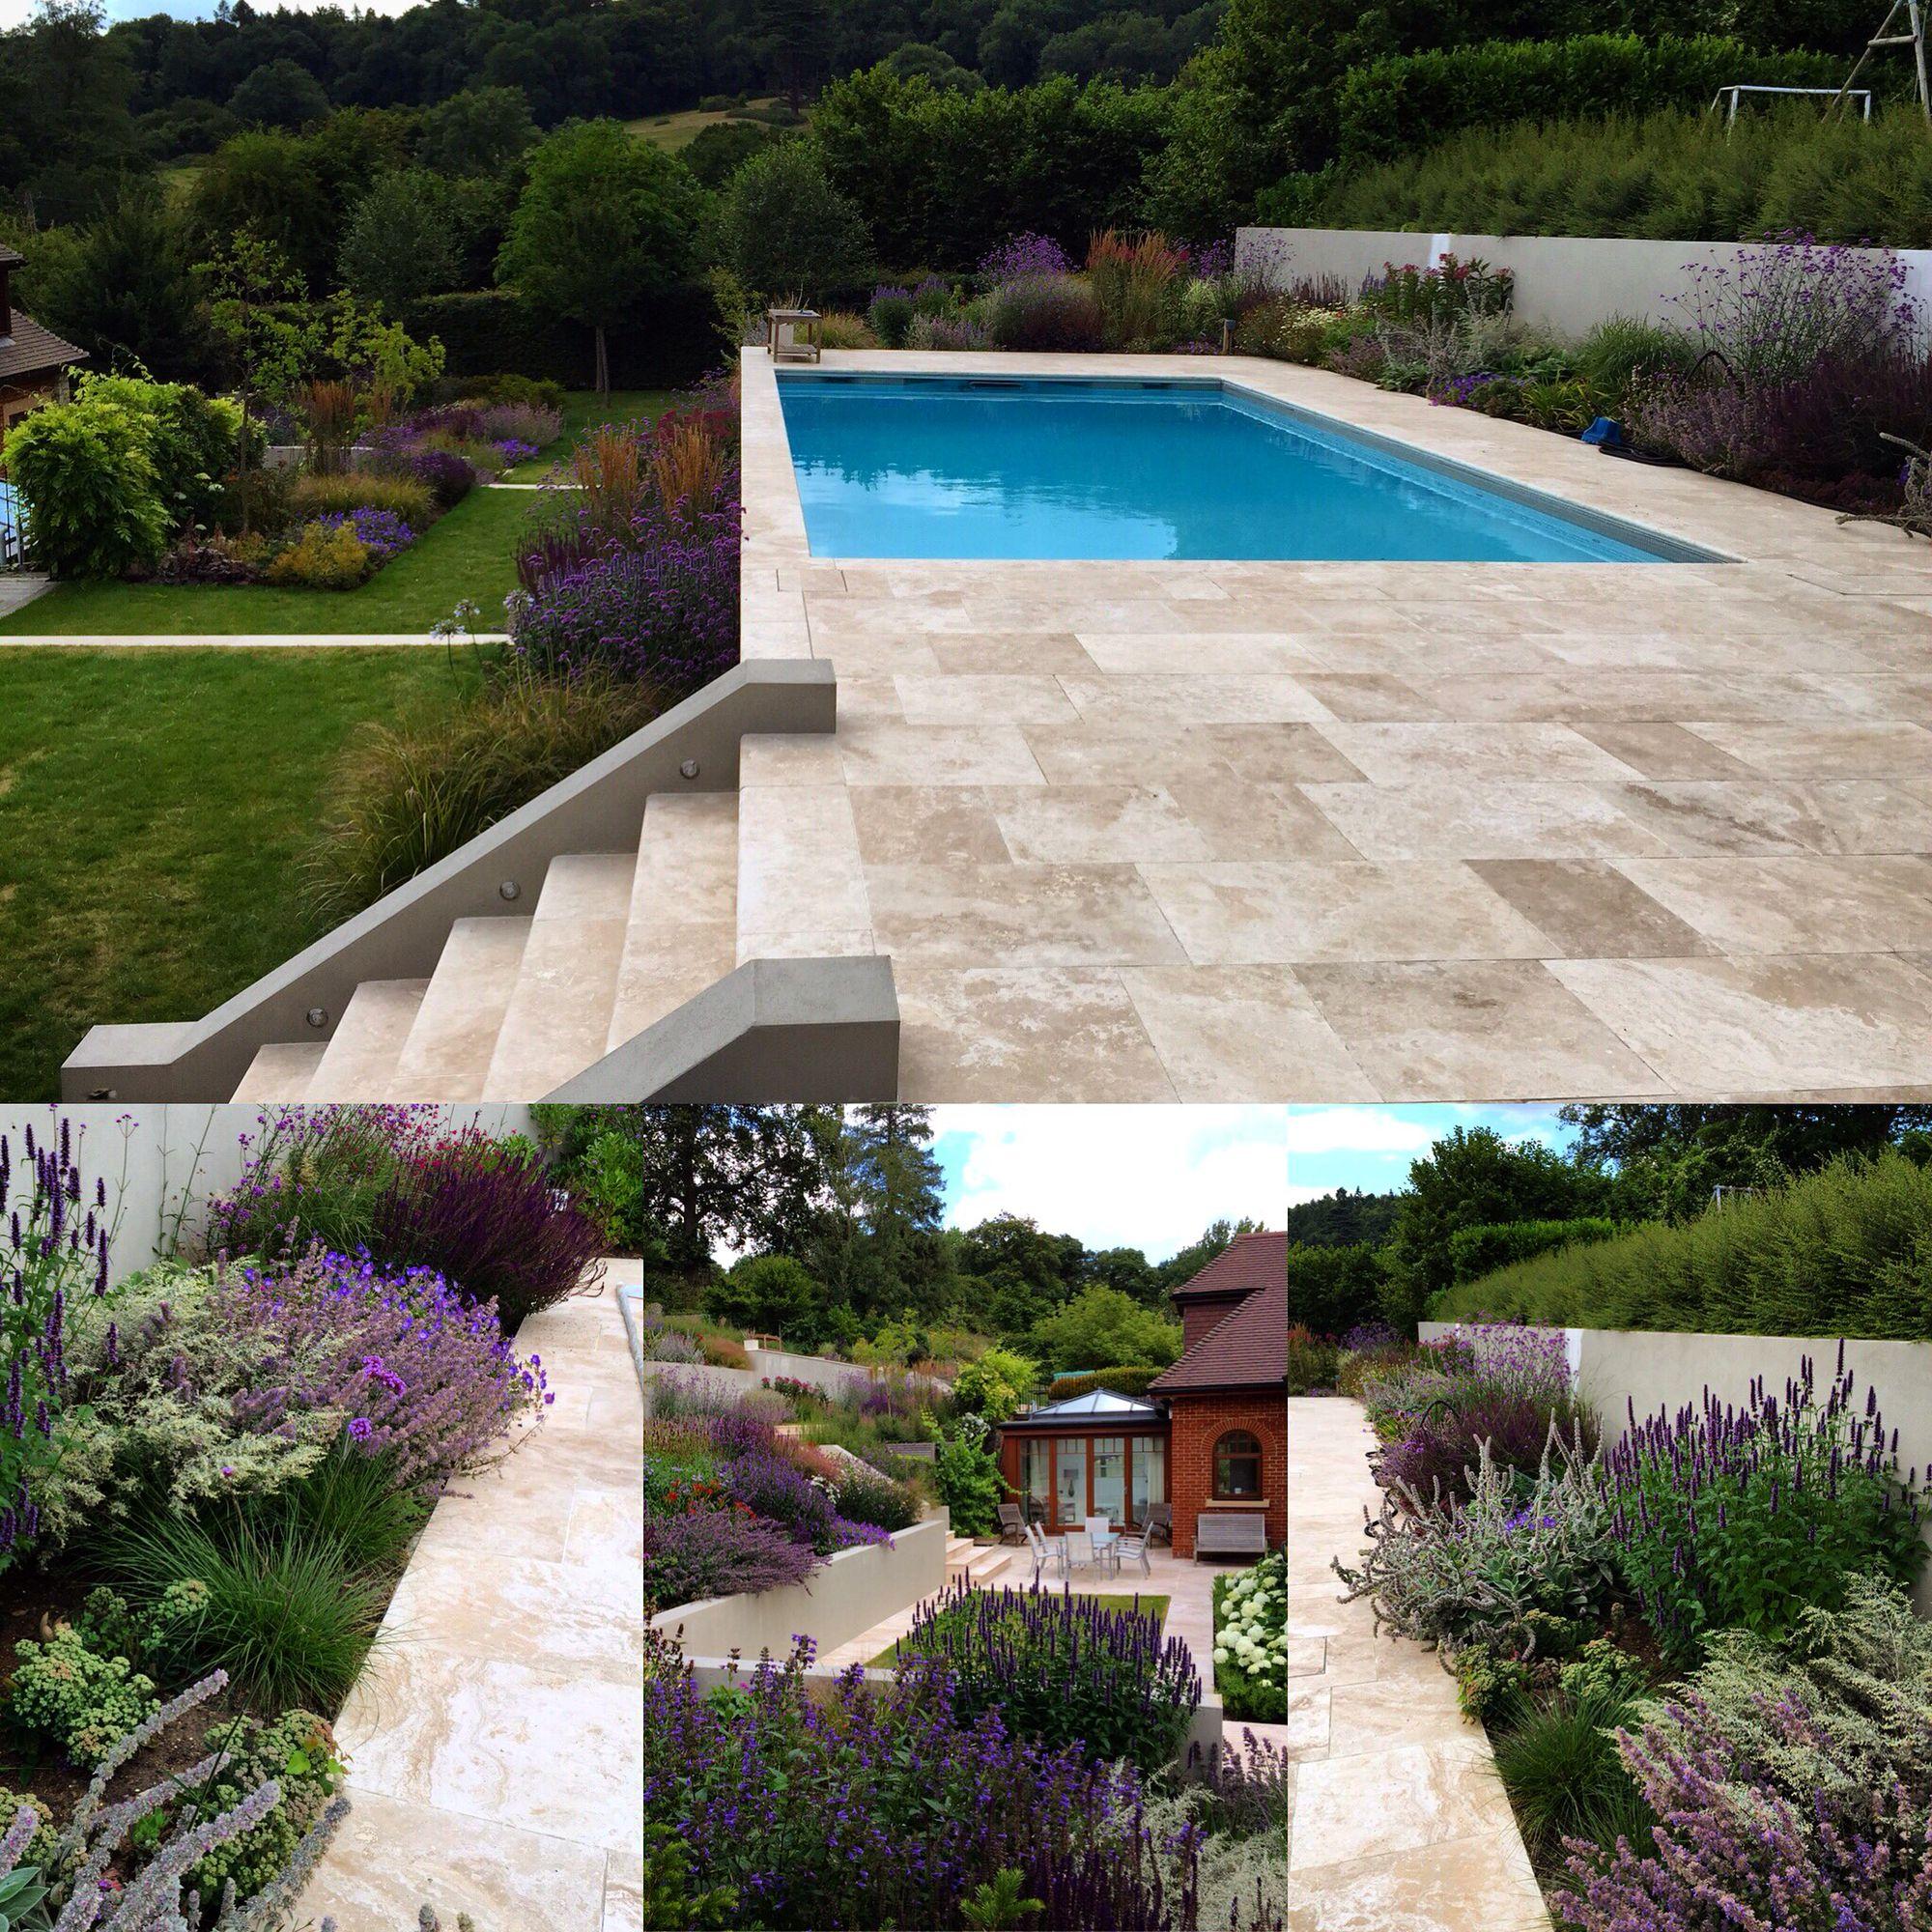 Love the upperlevel pool on this hillside lot backyard